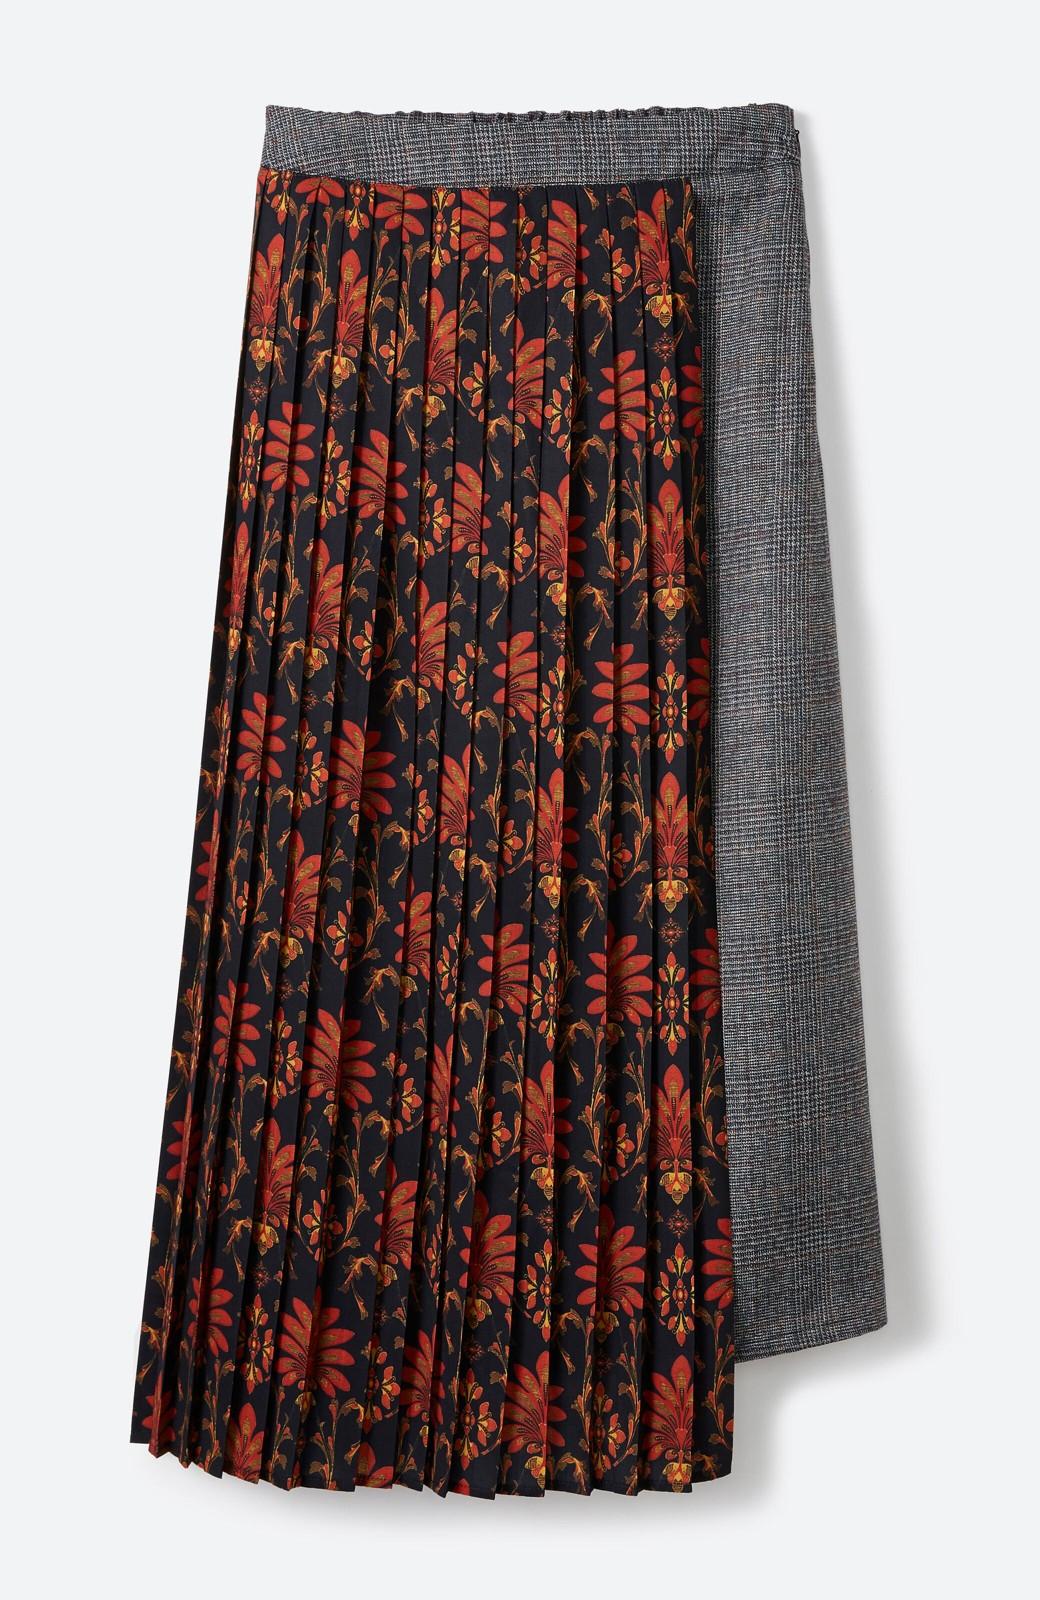 haco! <スザンヌさんコラボ>ラブ&ピースプロジェクト グレンチェック&ダークフラワー柄のアシンメトリースカート <グレー系その他>の商品写真1